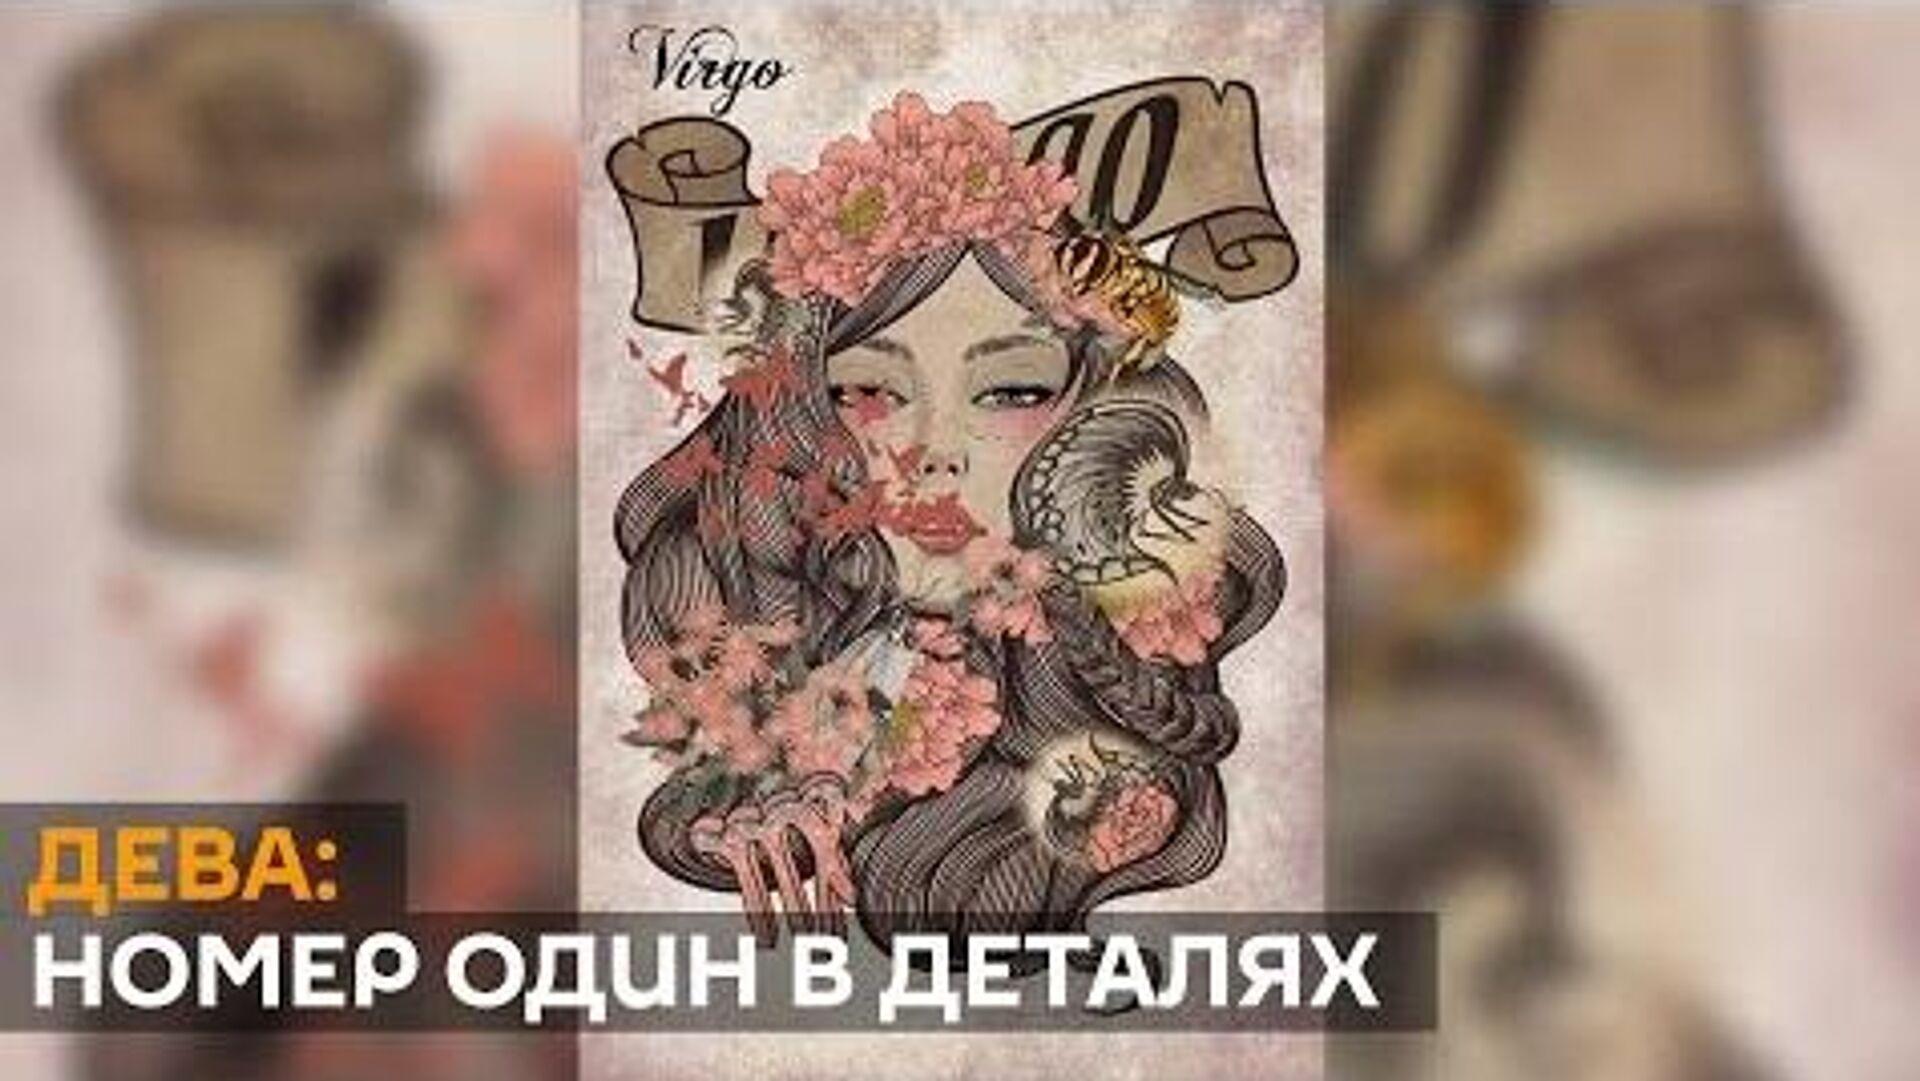 Дева: номер один в деталях - РИА Новости, 1920, 05.09.2020